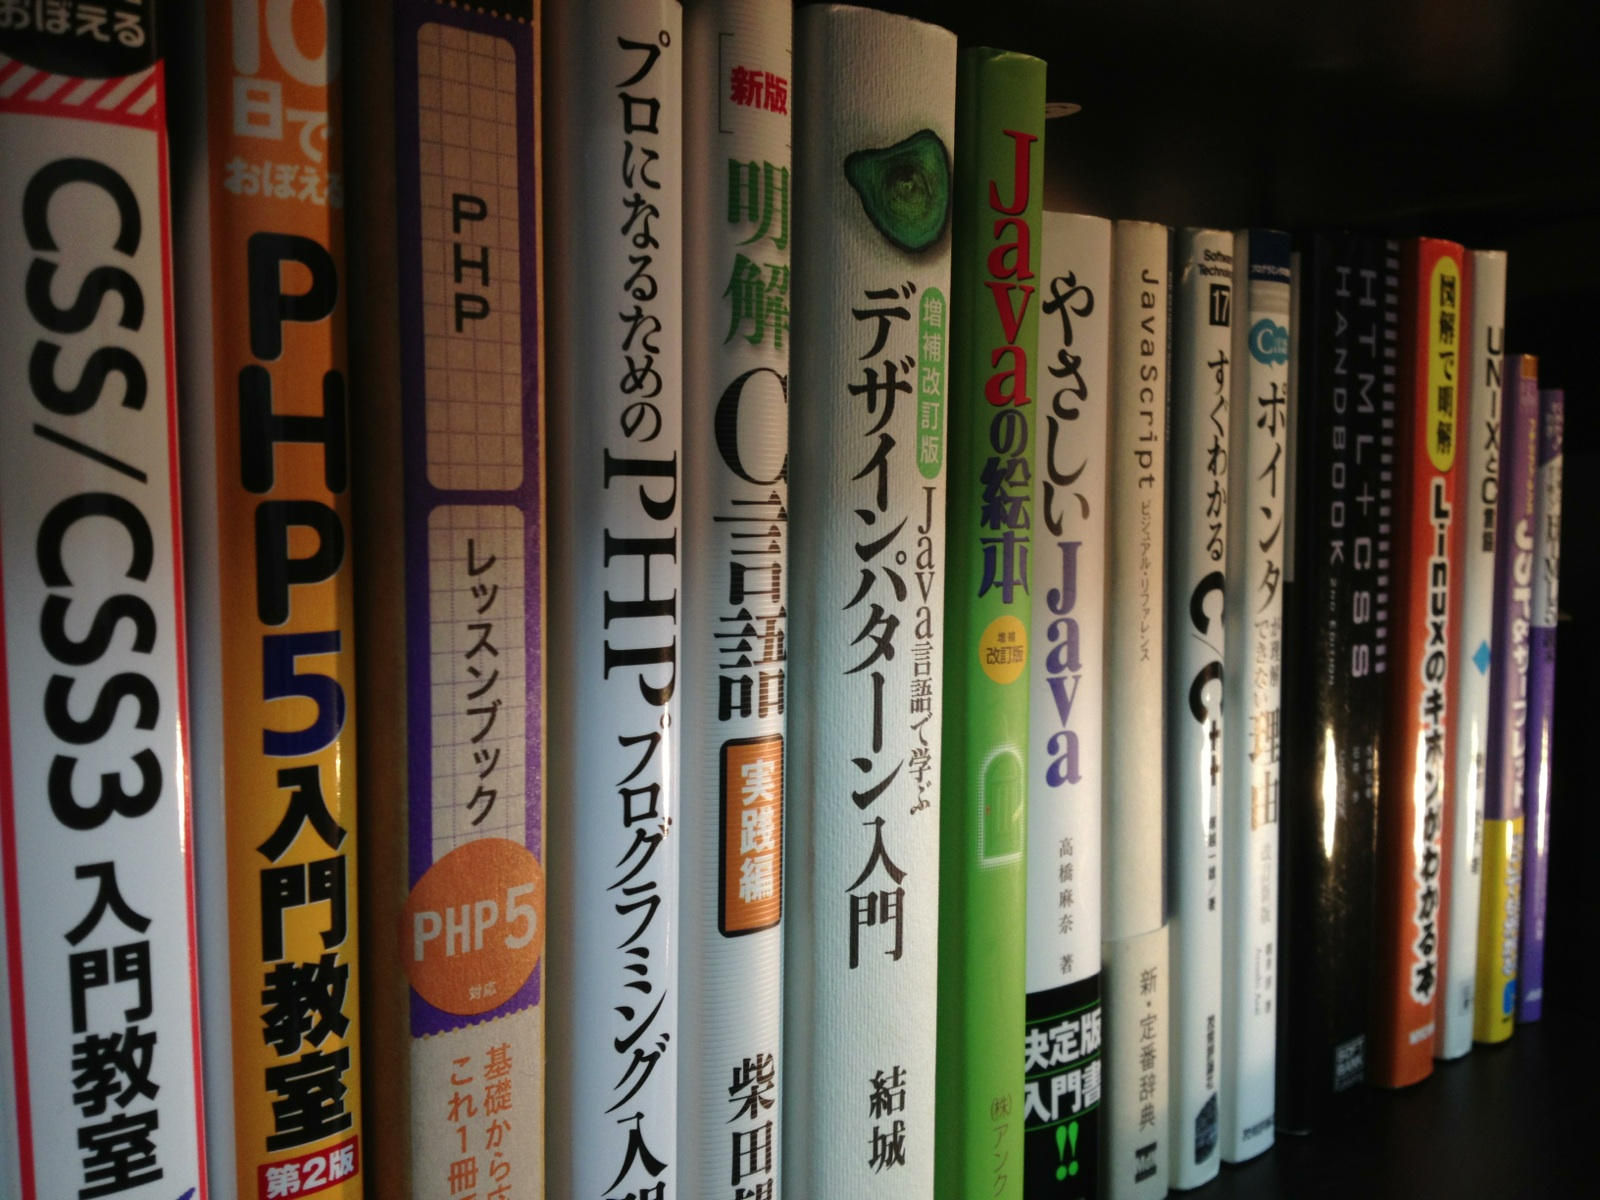 プログラミング言語の本